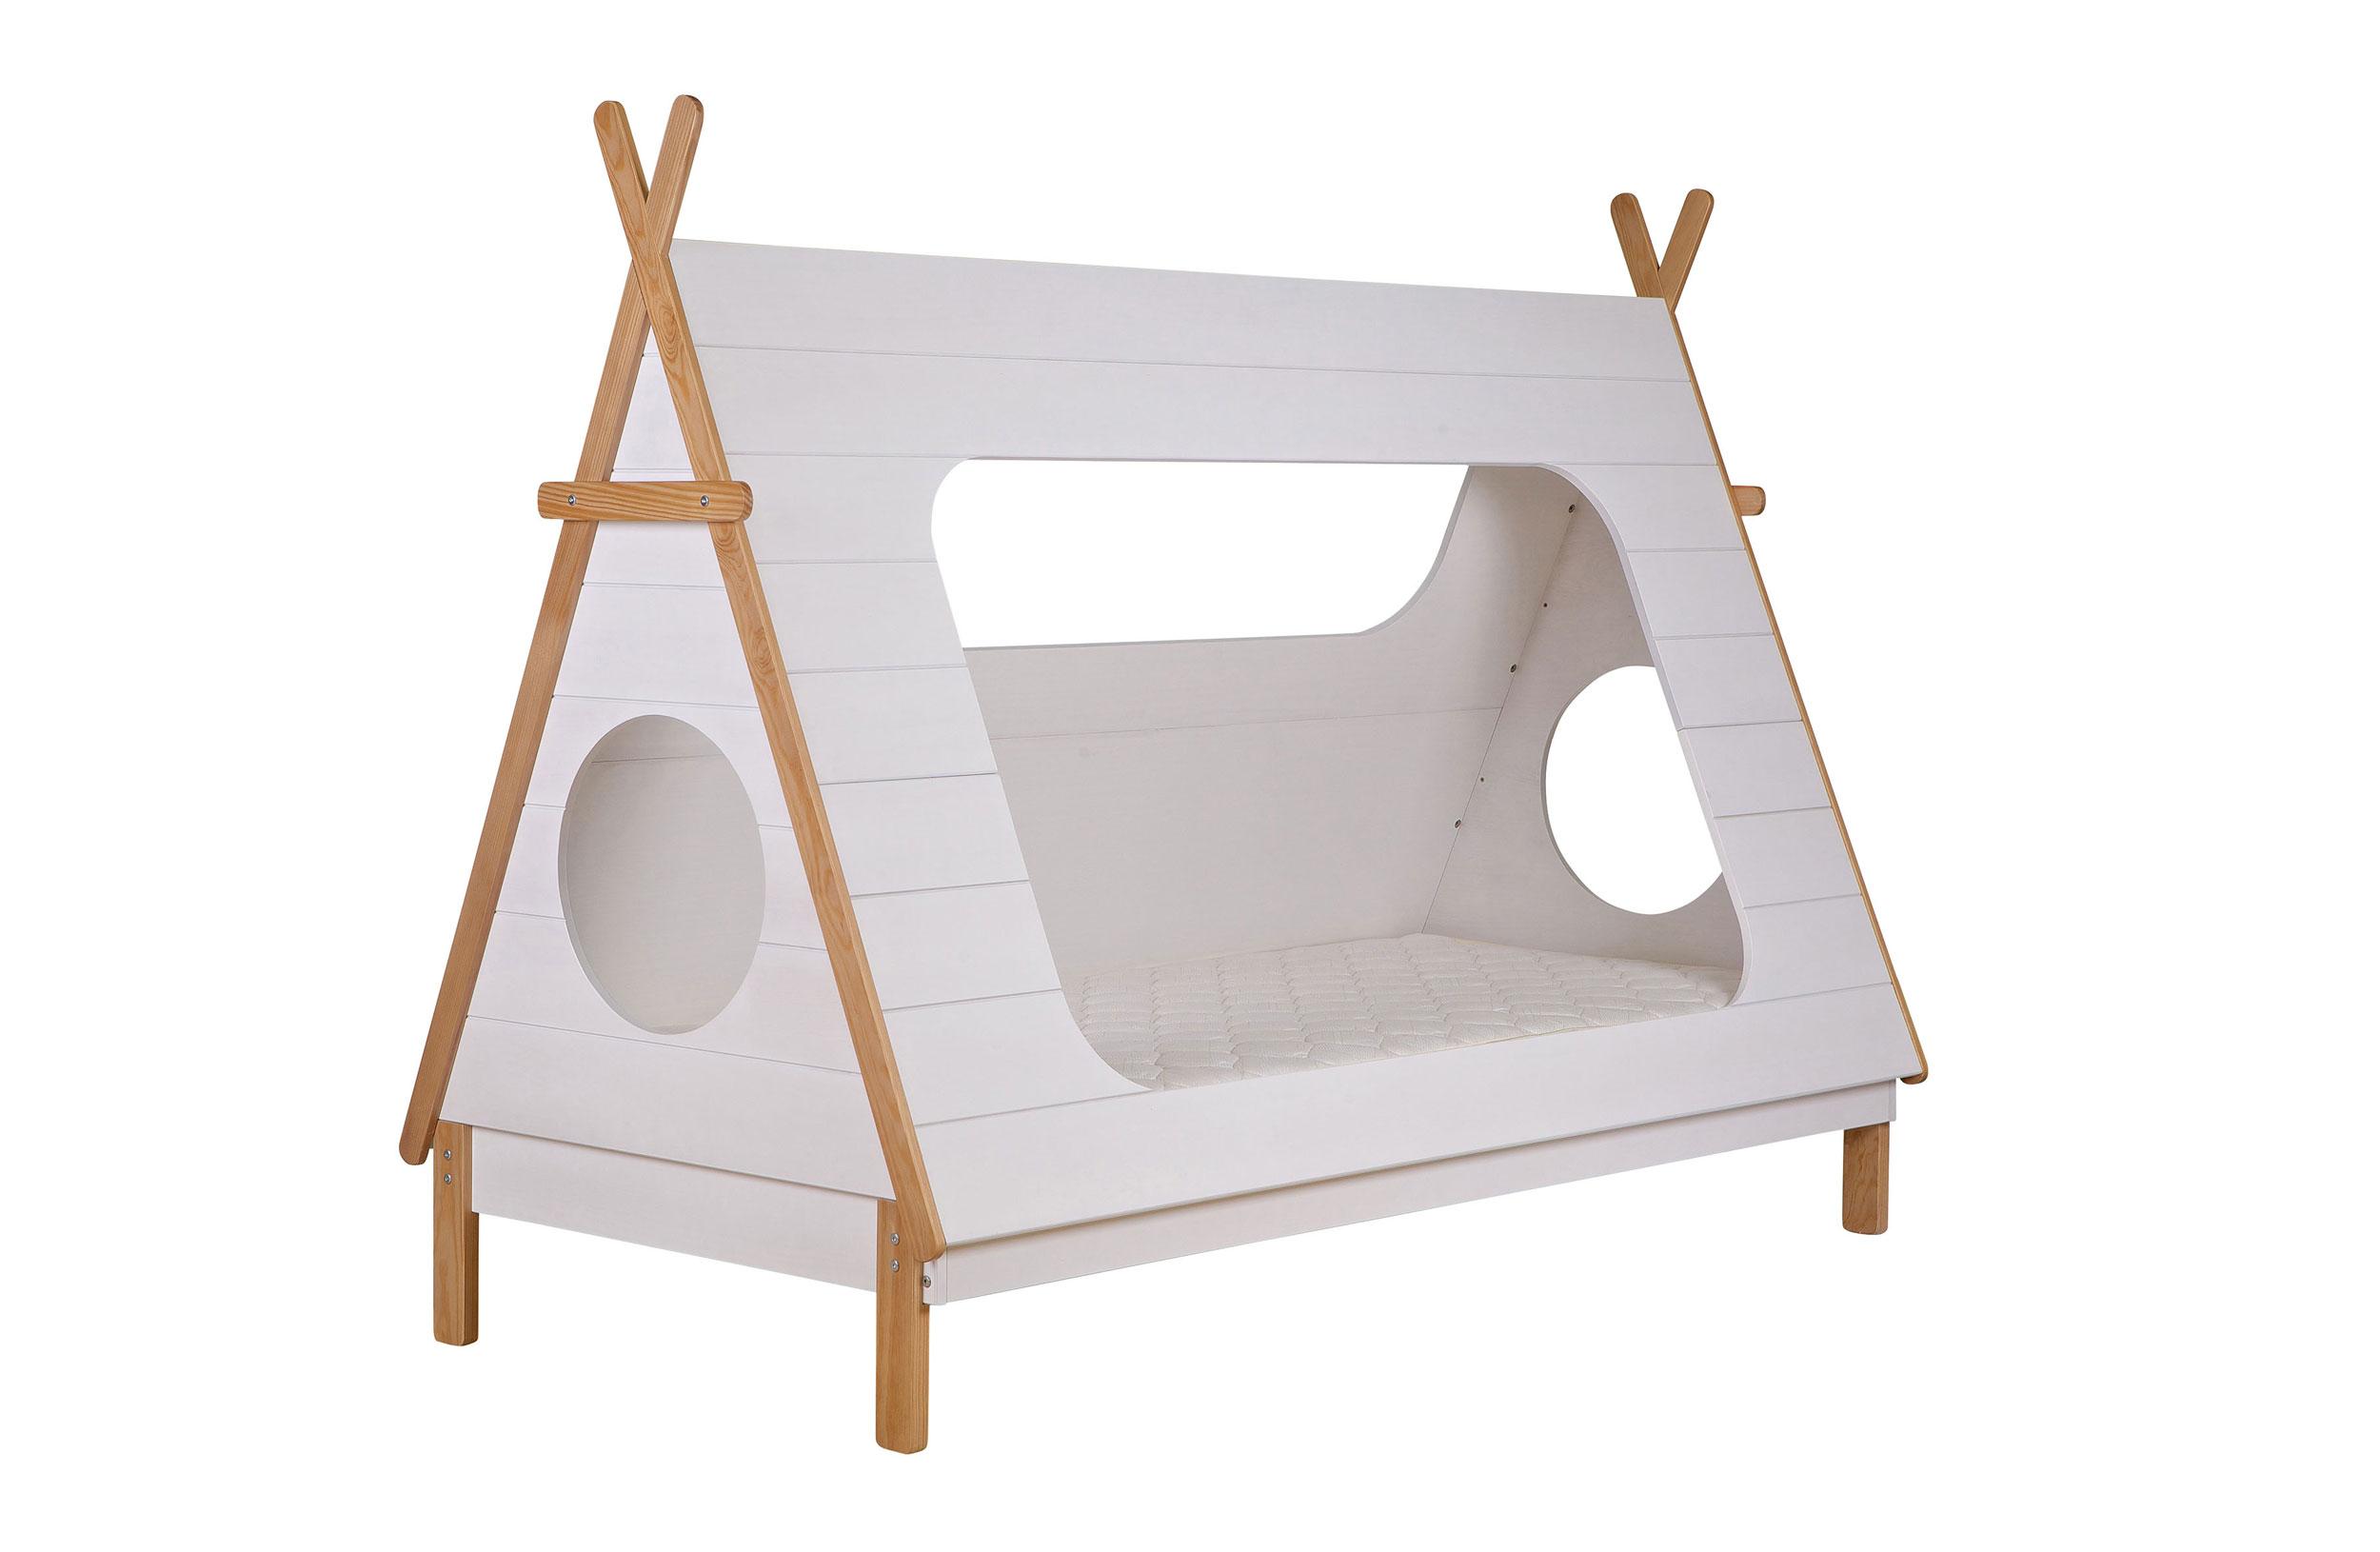 Кровать-вигвам Tipi BedДетские кроватки<br>Кровать выполнена в виде индейского вигвама. Спальное место 90х200 см.&amp;amp;nbsp;&amp;lt;div&amp;gt;Решетка включена в стоимость.&amp;amp;nbsp;&amp;lt;span style=&amp;quot;line-height: 1.78571;&amp;quot;&amp;gt;Без матраса.&amp;amp;nbsp;&amp;lt;/span&amp;gt;&amp;lt;div&amp;gt;&amp;lt;div&amp;gt;Цвет: белый.&amp;amp;nbsp;&amp;lt;/div&amp;gt;&amp;lt;div&amp;gt;Размеры: 215х163х106см&amp;amp;nbsp;&amp;lt;/div&amp;gt;&amp;lt;div&amp;gt;Поставляется в разобранном виде в плоской упаковке с подробной инструкцией по сборке. <br>Легко собрать самостоятельно.&amp;lt;/div&amp;gt;&amp;lt;/div&amp;gt;&amp;lt;/div&amp;gt;<br><br>Material: Текстиль<br>Ширина см: 215.0<br>Высота см: 163<br>Глубина см: 106.0